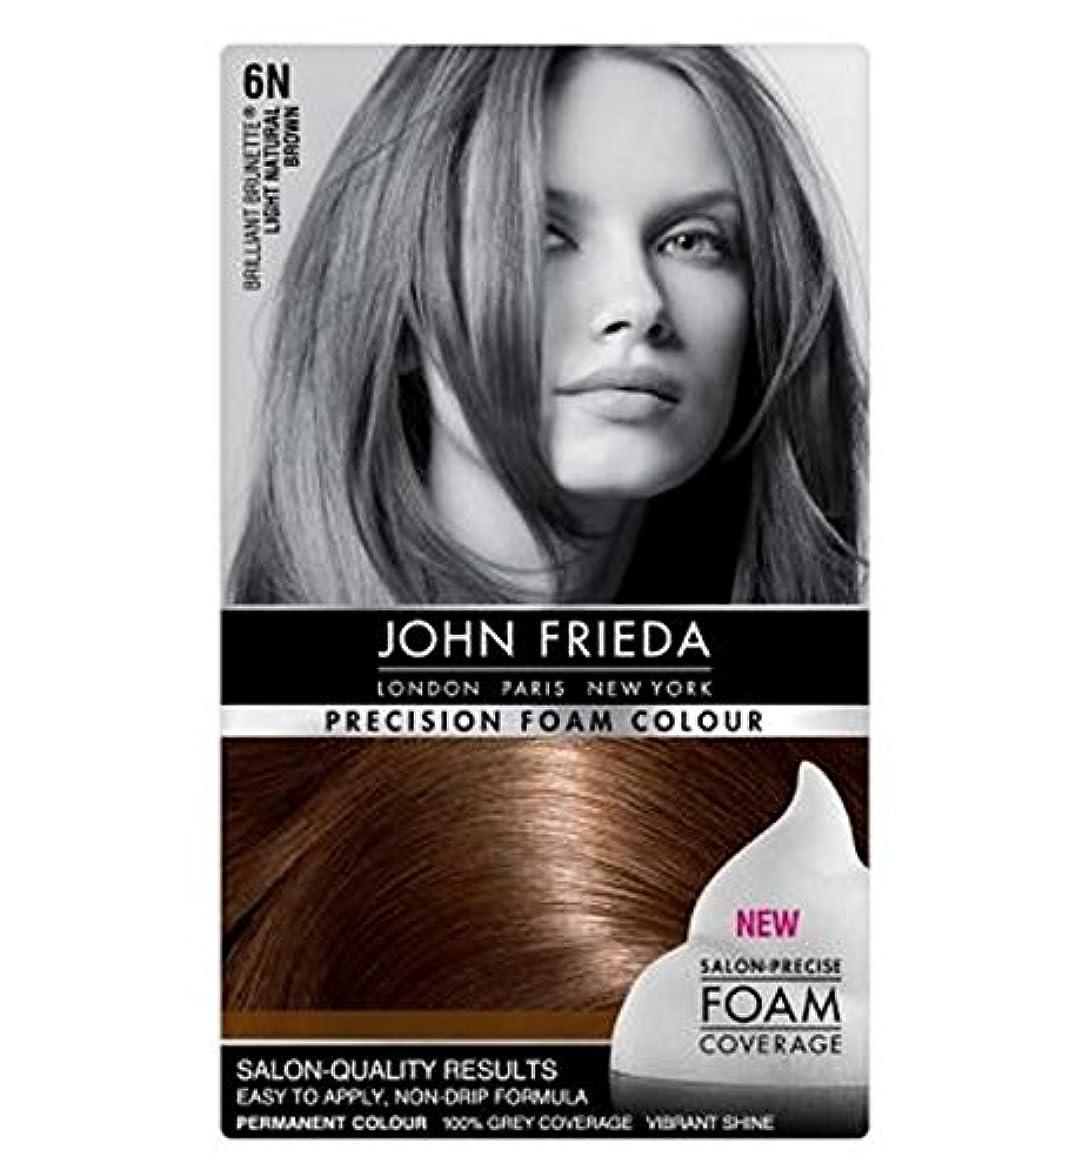 バケツ振りかける外向きライトナチュラルブラウン6Nのジョン?フリーダ精密泡カラー (John Frieda) (x2) - John Frieda Precision Foam Colour 6N Light Natural Brown (Pack of 2) [並行輸入品]